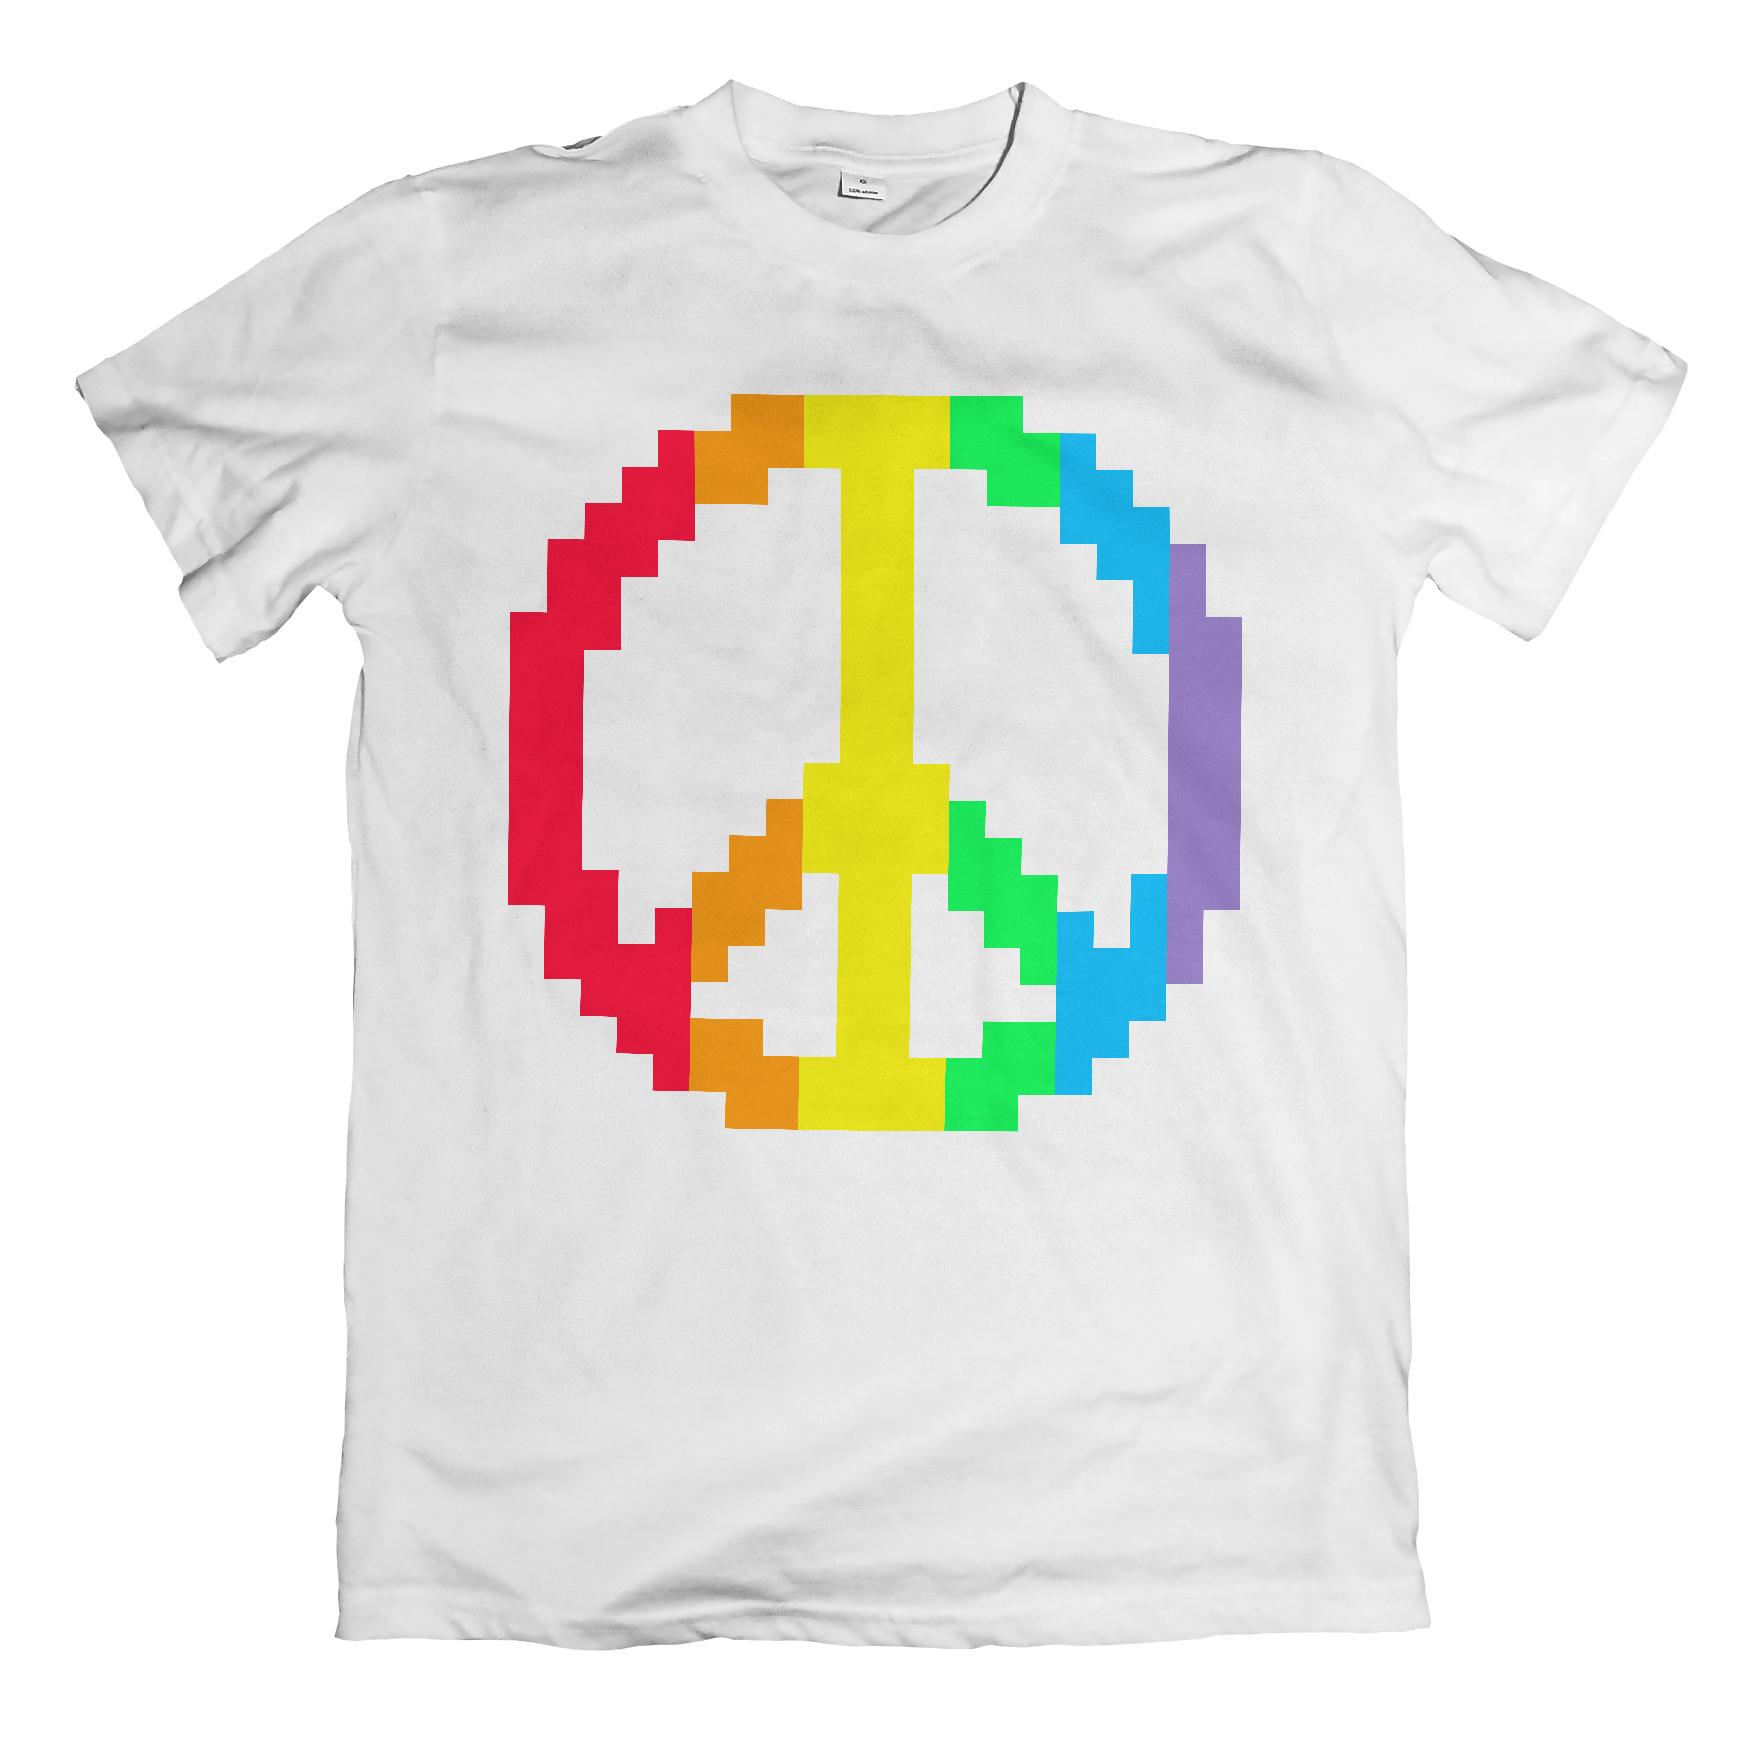 Peace Spectrum - ✌🌈